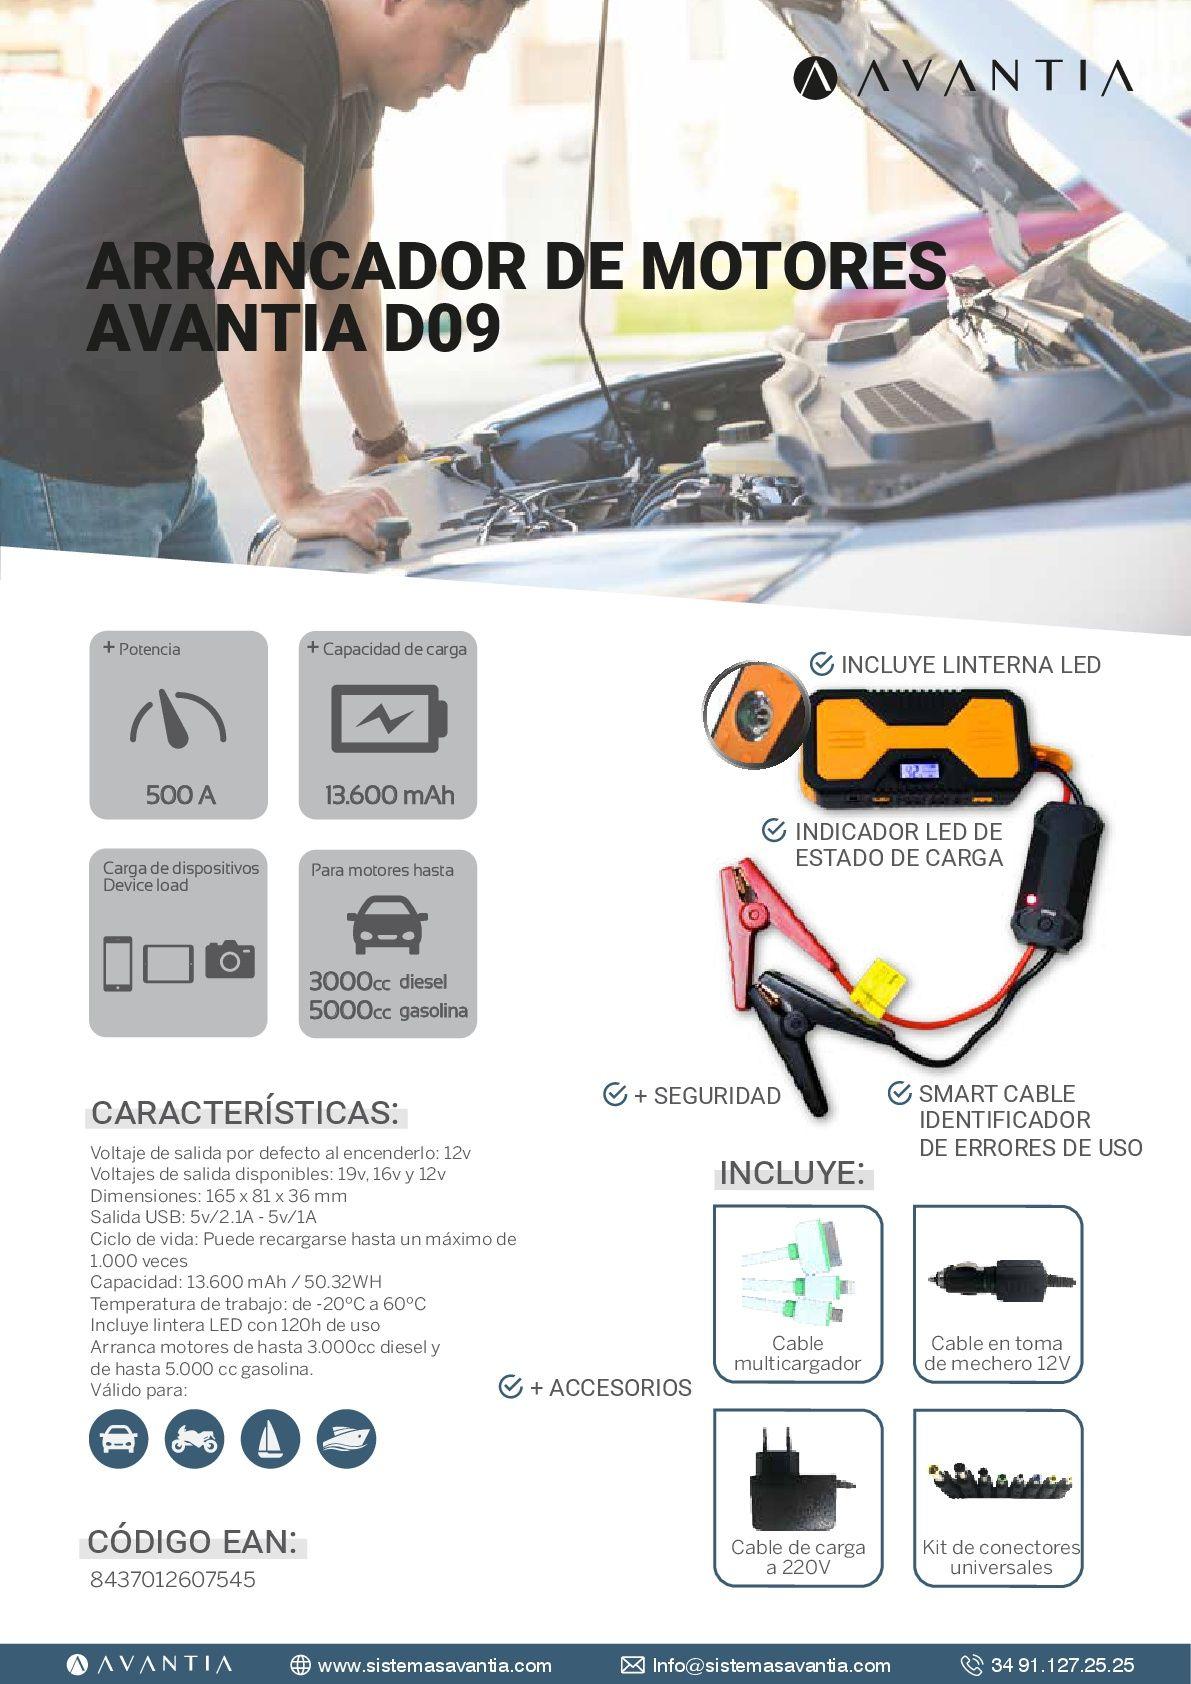 ARRANCADOR DE MOTORES AVANTIA D09          PVP: 95,60€